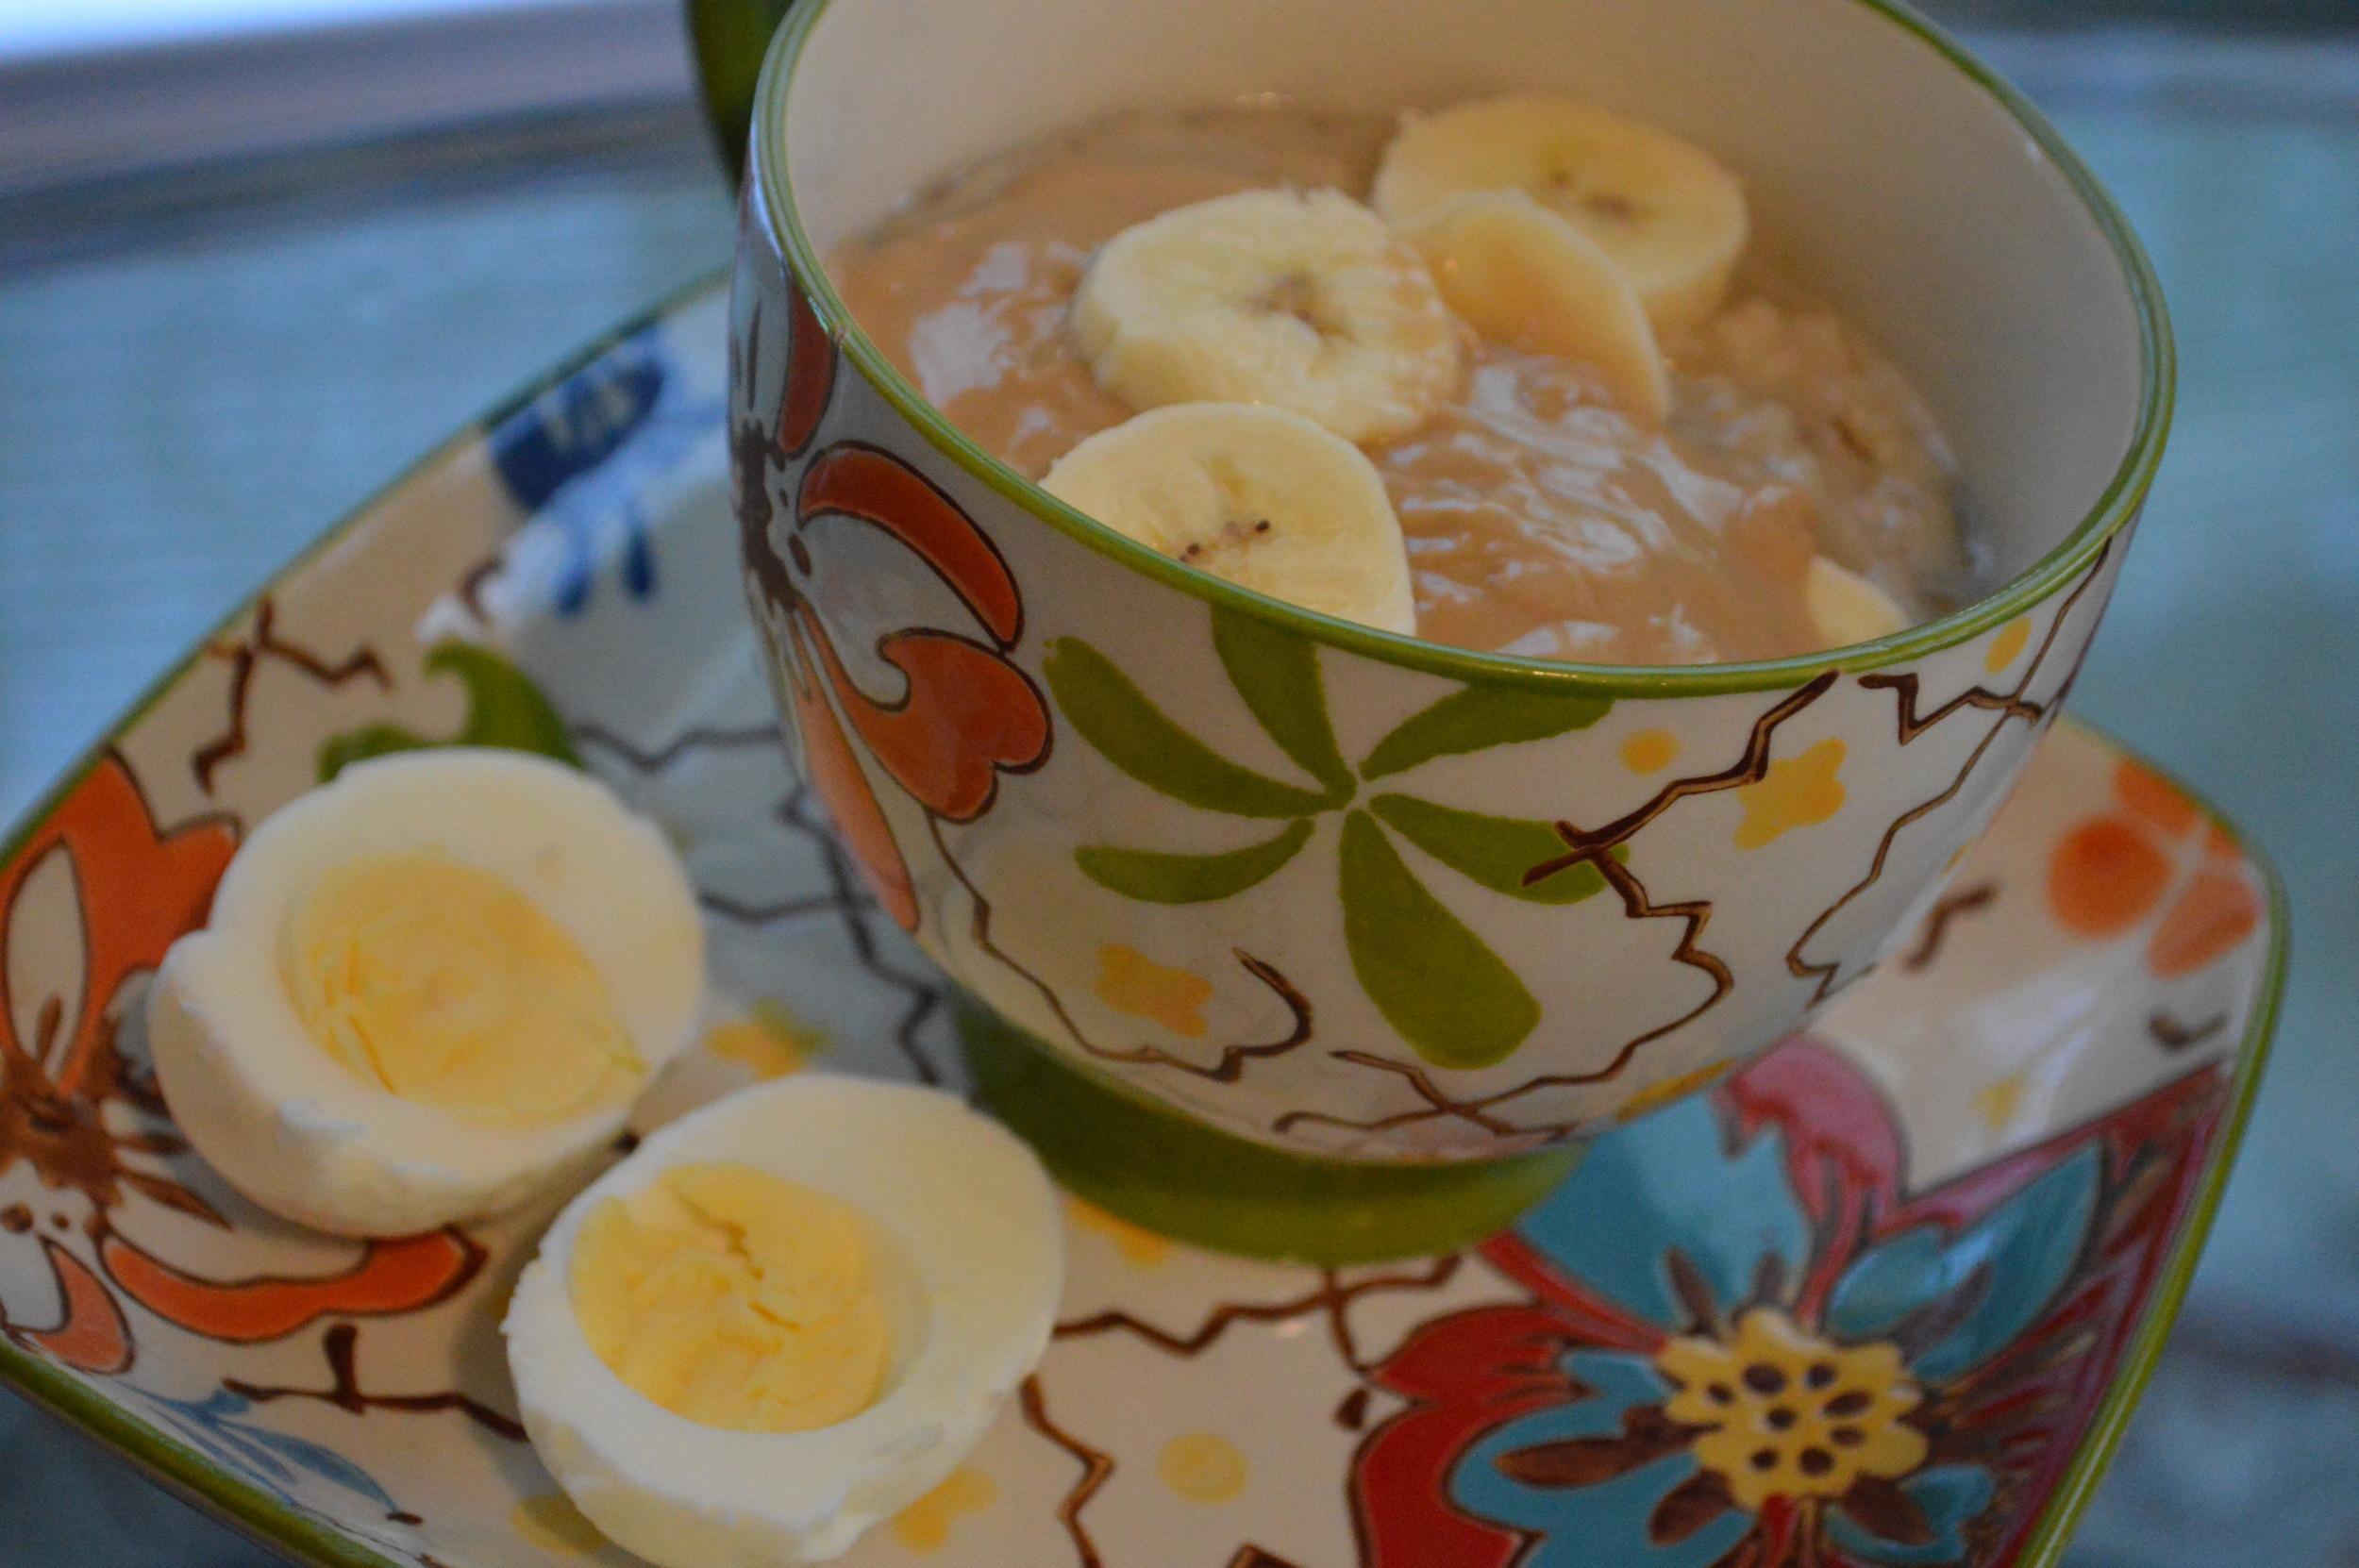 PB & Banana Oatmeal